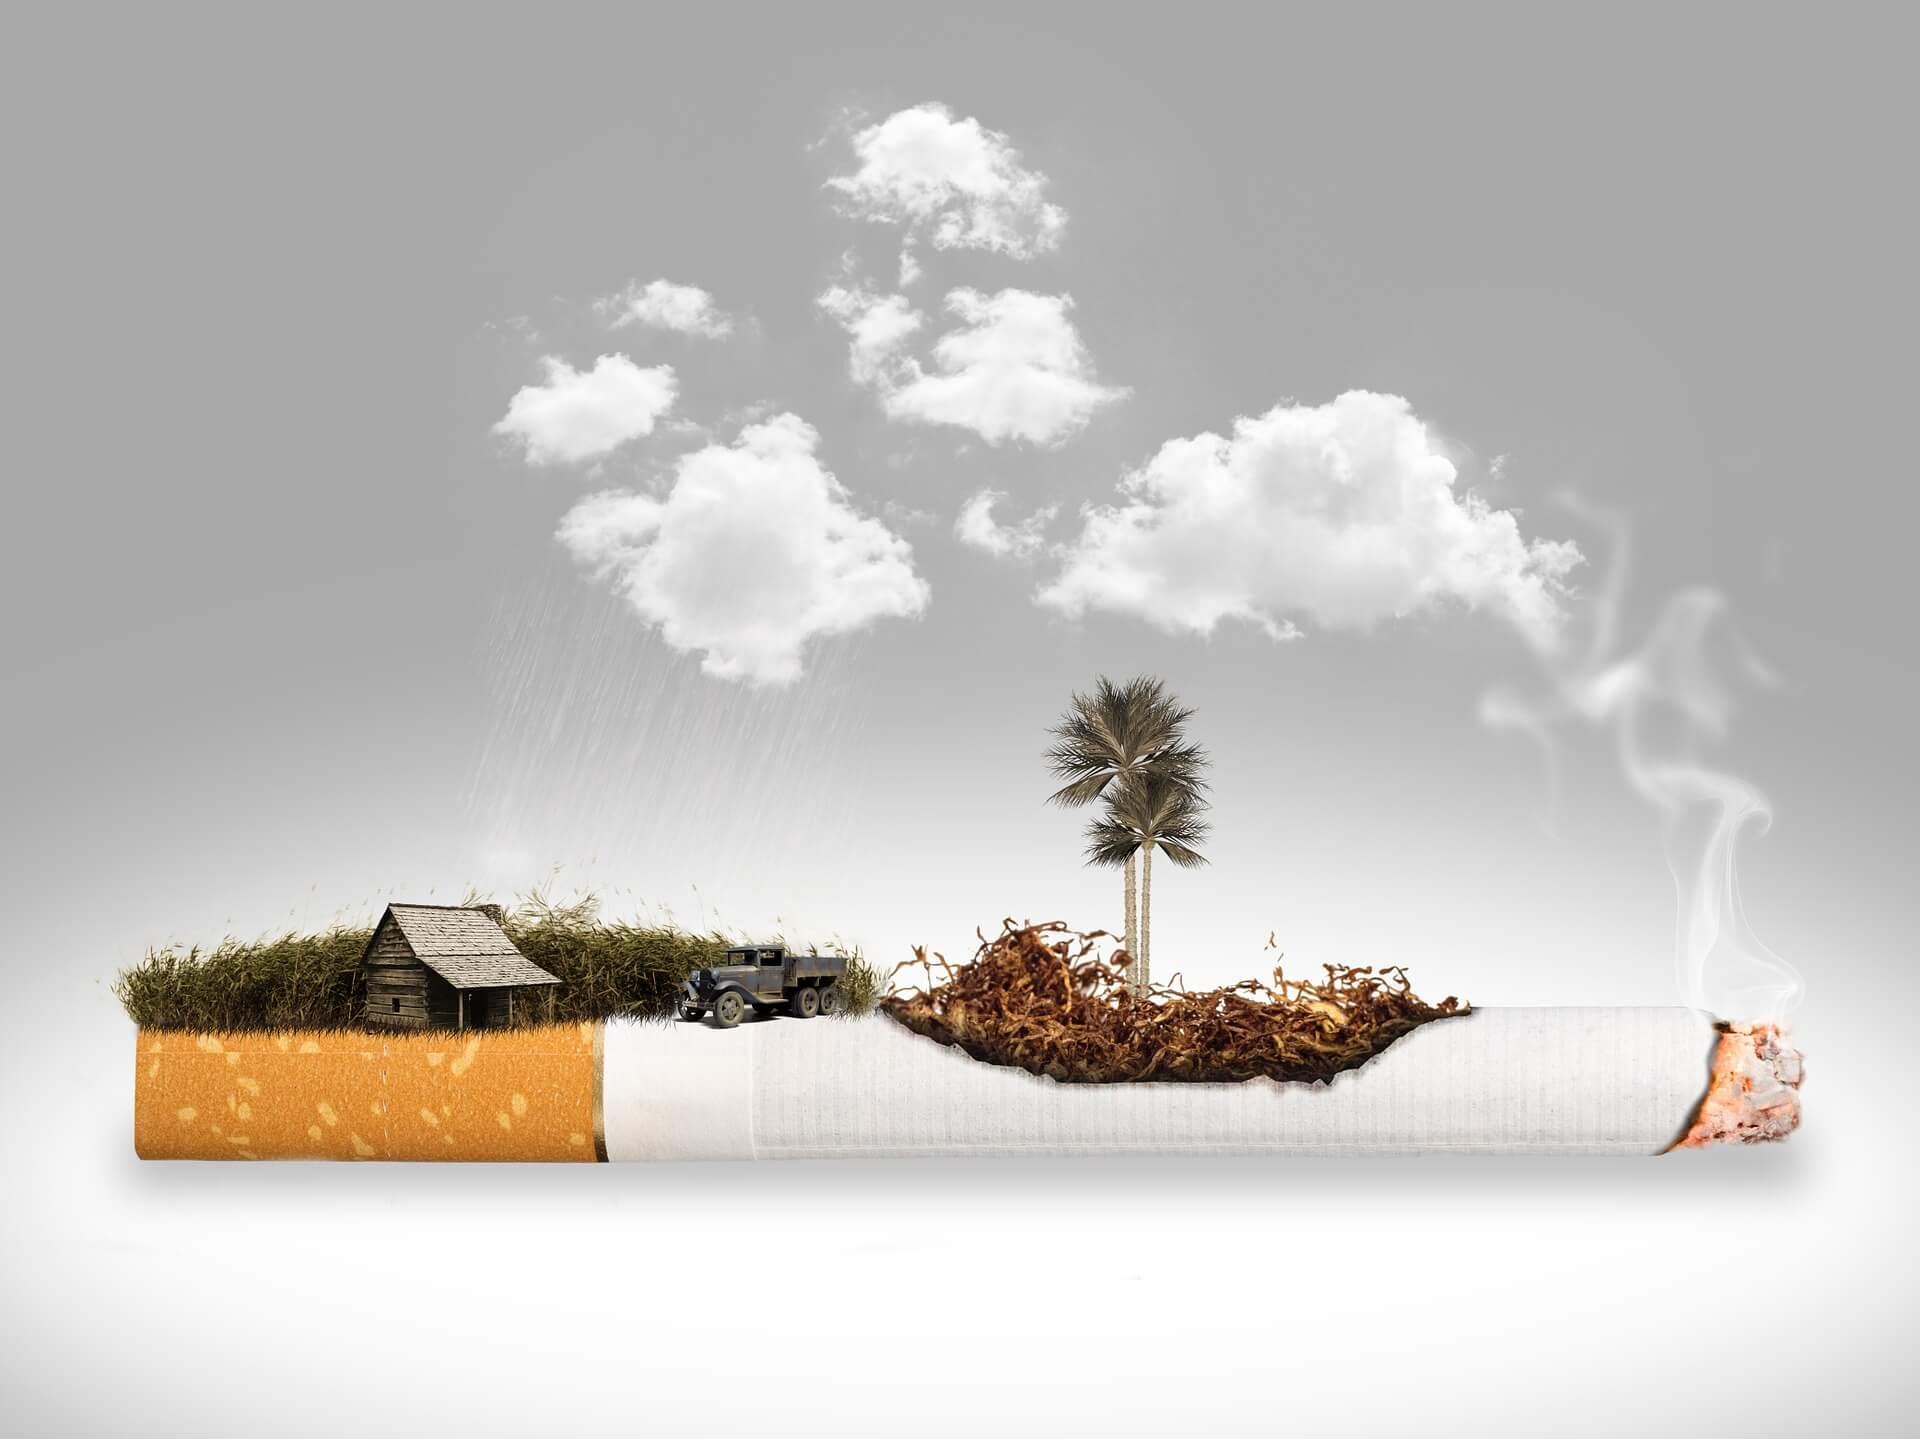 cigarette-1533104_1920